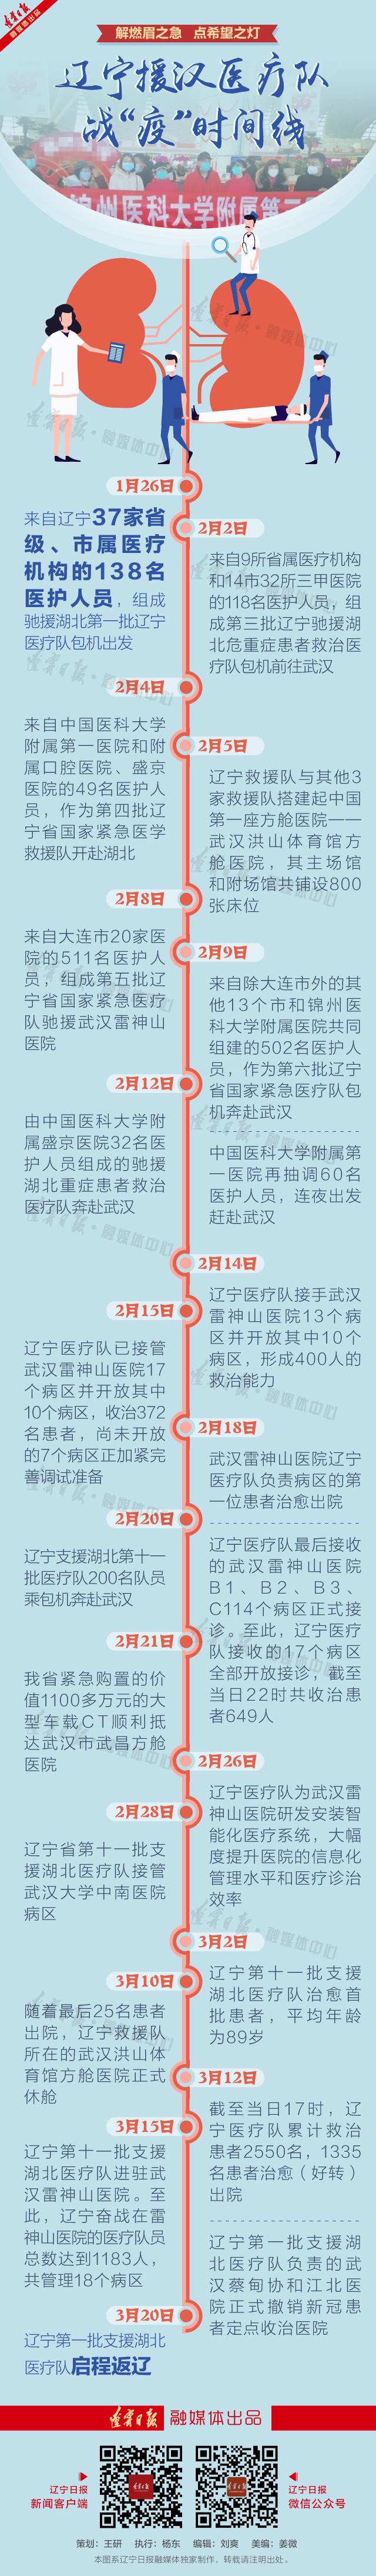 """英雄凯旋!辽宁援汉医疗队战""""疫""""时间线"""